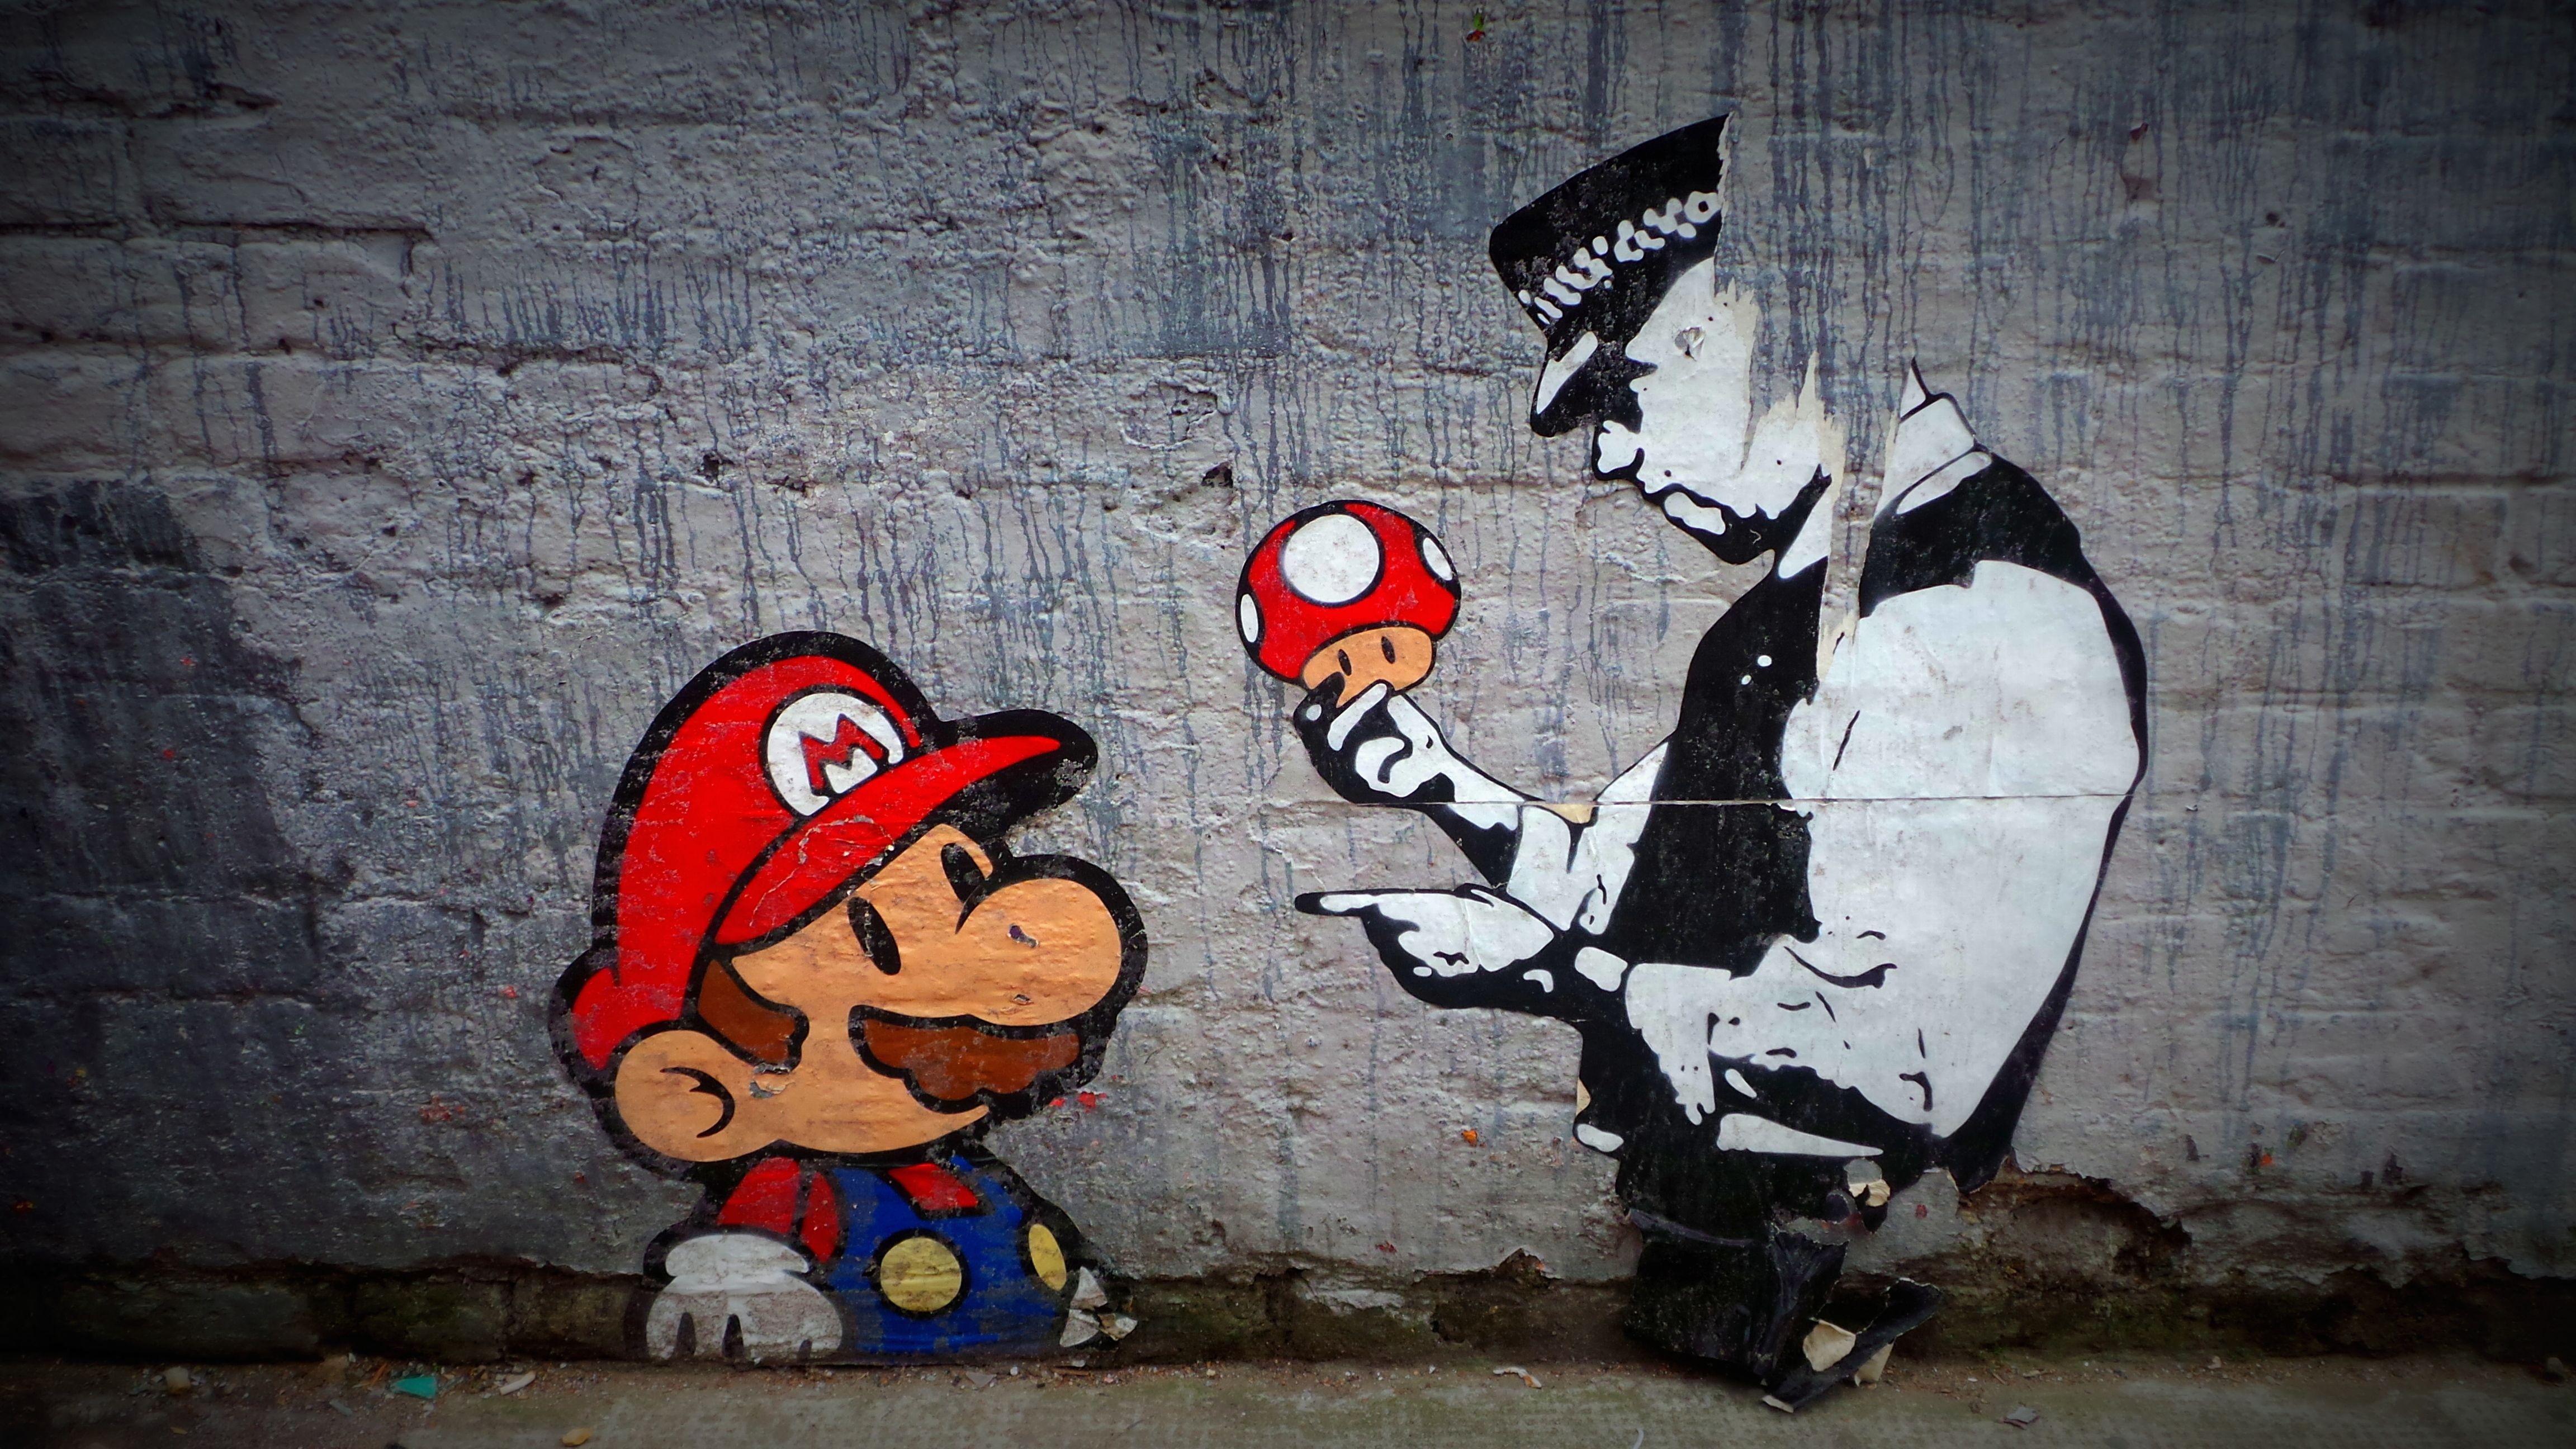 Street art wallpapers amazing 47 wallpapers of street art top